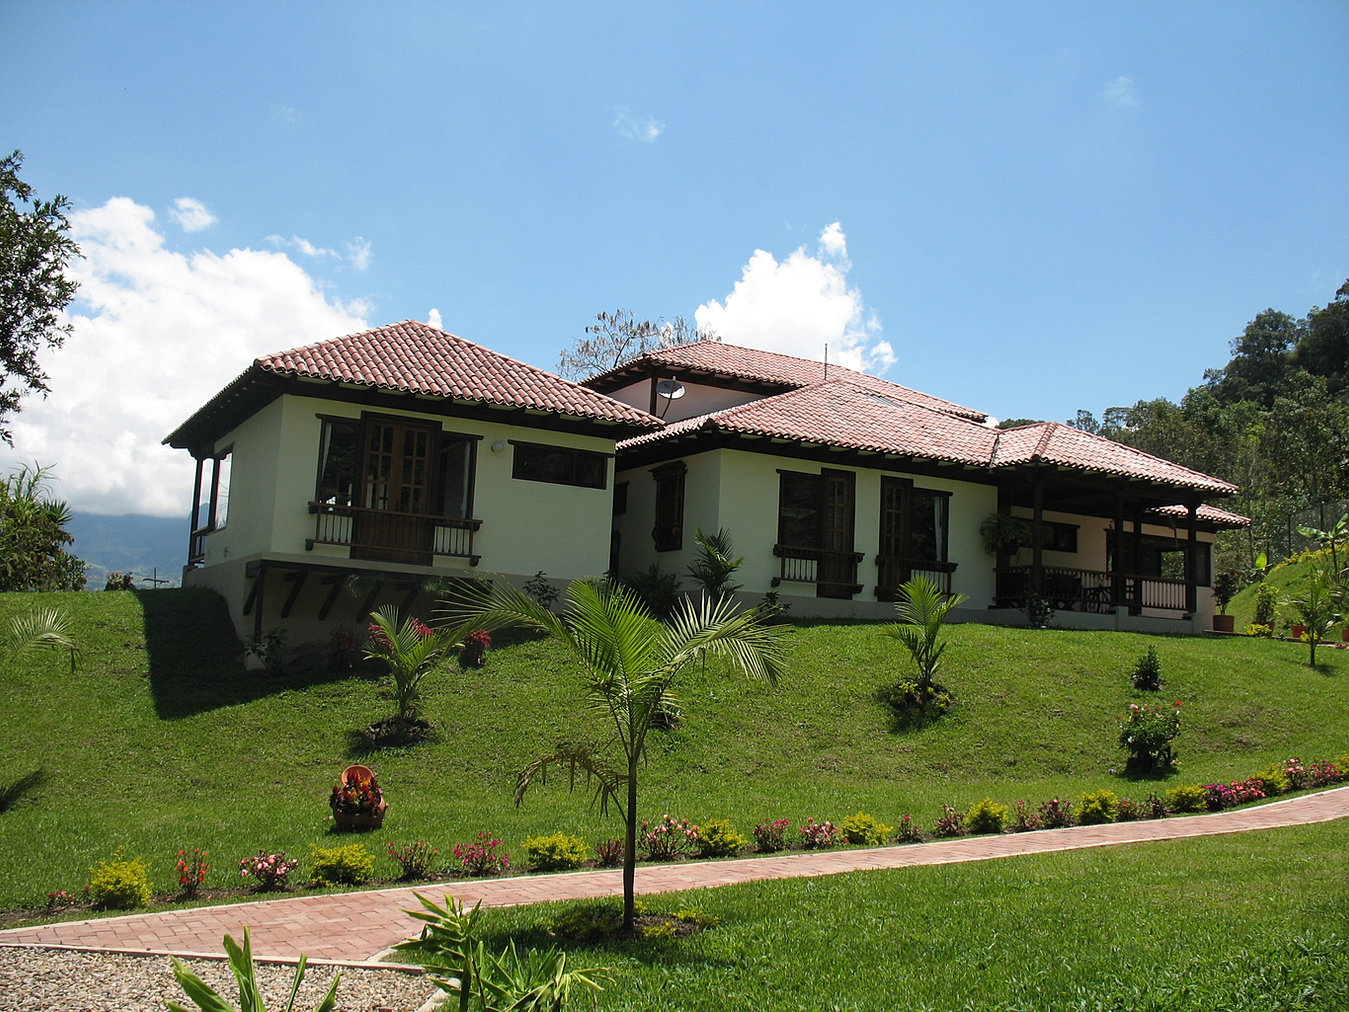 Casas campestres venta de planos constructora benhabitat for Planos de casas campestres gratis